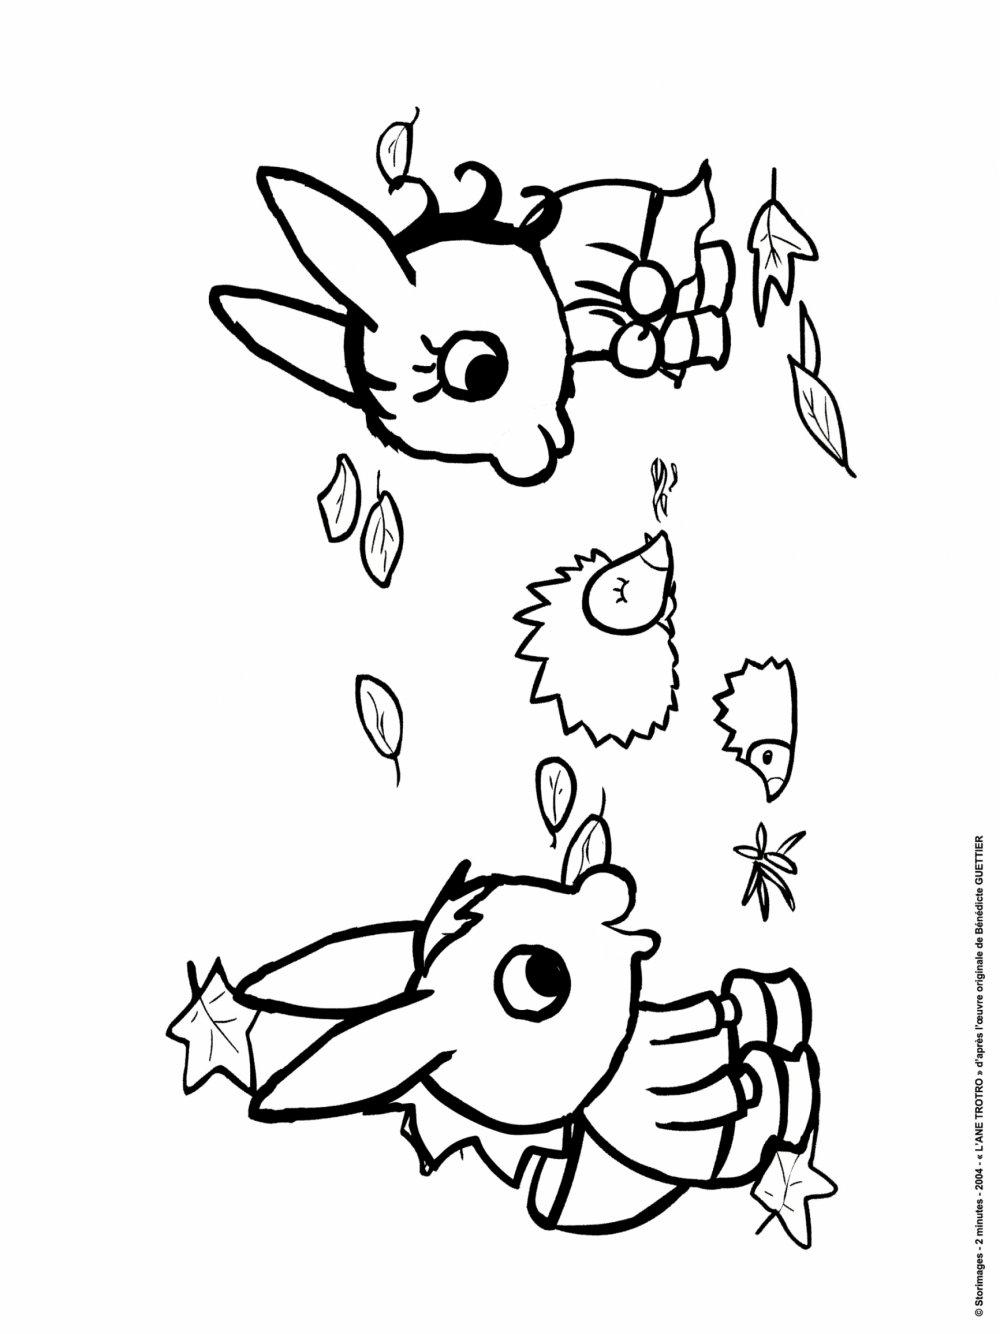 Coloriages à imprimer : Trotro, numéro : 3a9472b4